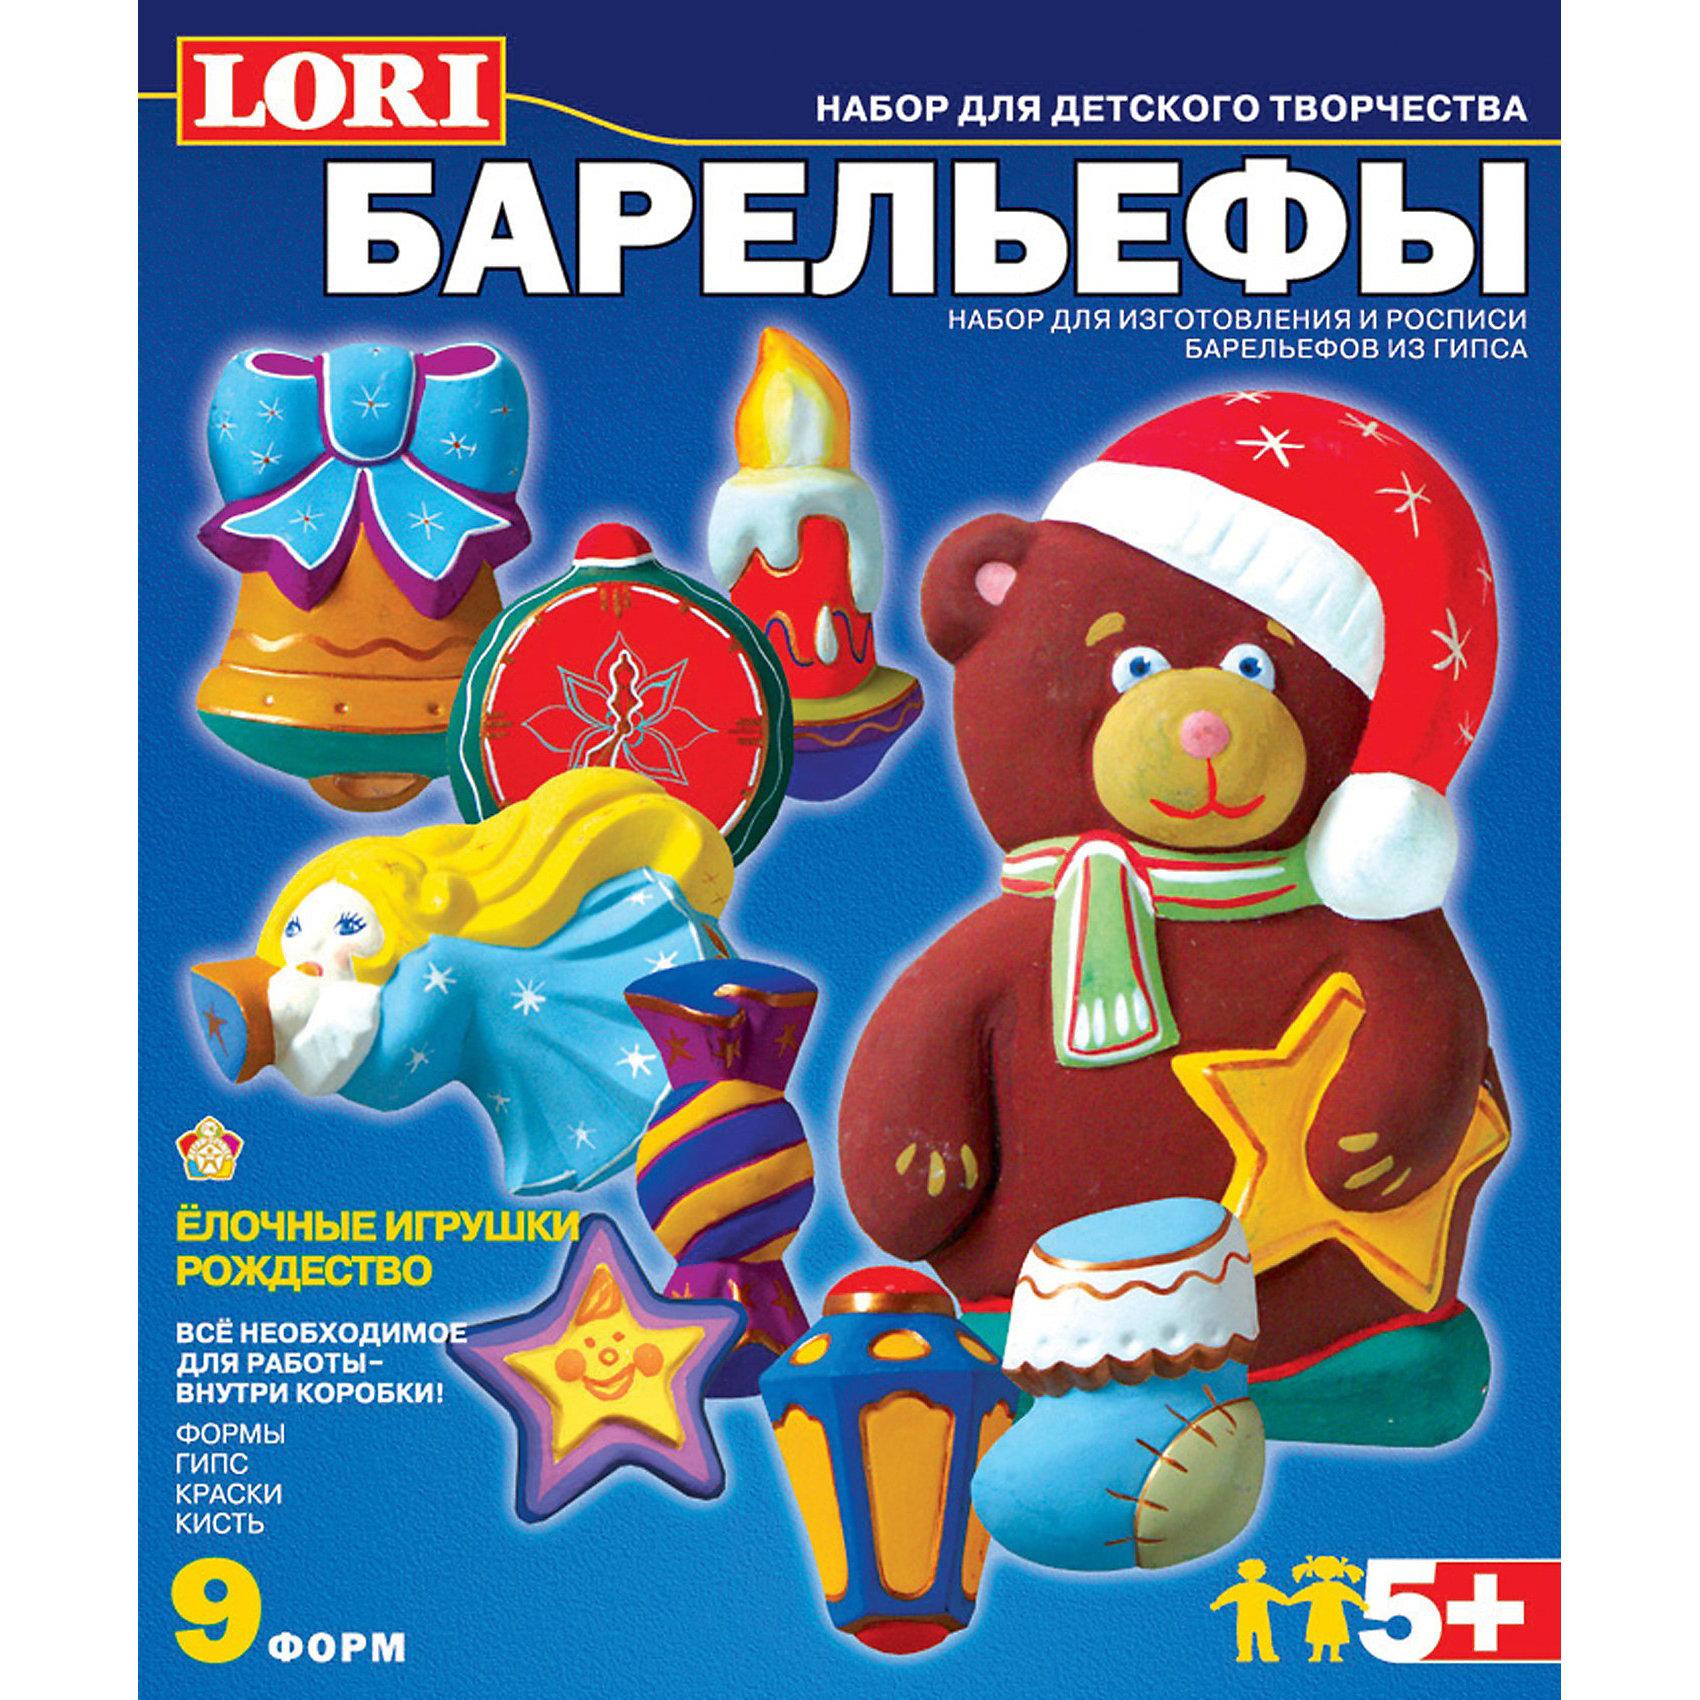 Набор для отливки Ёлочные игрушки. Рождество, LORIНаборы из гипса<br>Набор для отливки Ёлочные игрушки. Рождество, LORI станет самым интересным занятием для Вашего малыша!<br>Готовое изделие – функциональная вещь.<br>Объемная фоторамка, фигурка на магните, подсвечник, тарелочка или красочная картинка могут стать украшением интерьера, подвеской, ёлочной игрушкой, эмблемой и послужить оригинальным подарком, сувениром.<br>Особое развивающее значение заключается в том, что процесс раскрашивания не предполагает точного копирования с образца на упаковке, ребенку можно и нужно применить фантазию и показать, каким он видит образ.<br>Творческий процесс такого рода позволяет снять стресс и усталость. Занятия с наборами этих серий положительно влияют на развитие образного мышления, эстетического восприятия и формирование художественного вкуса.<br><br>Дополнительная информация:<br><br>Размер: 220х185х50 мм.<br><br>Вес: 437 г.<br><br>Станет прекрасным развивающим подарком Вашему малышу!<br>Легко купить в нашем интернет-магазине!<br><br>Ширина мм: 220<br>Глубина мм: 185<br>Высота мм: 50<br>Вес г: 437<br>Возраст от месяцев: 60<br>Возраст до месяцев: 144<br>Пол: Унисекс<br>Возраст: Детский<br>SKU: 3376815